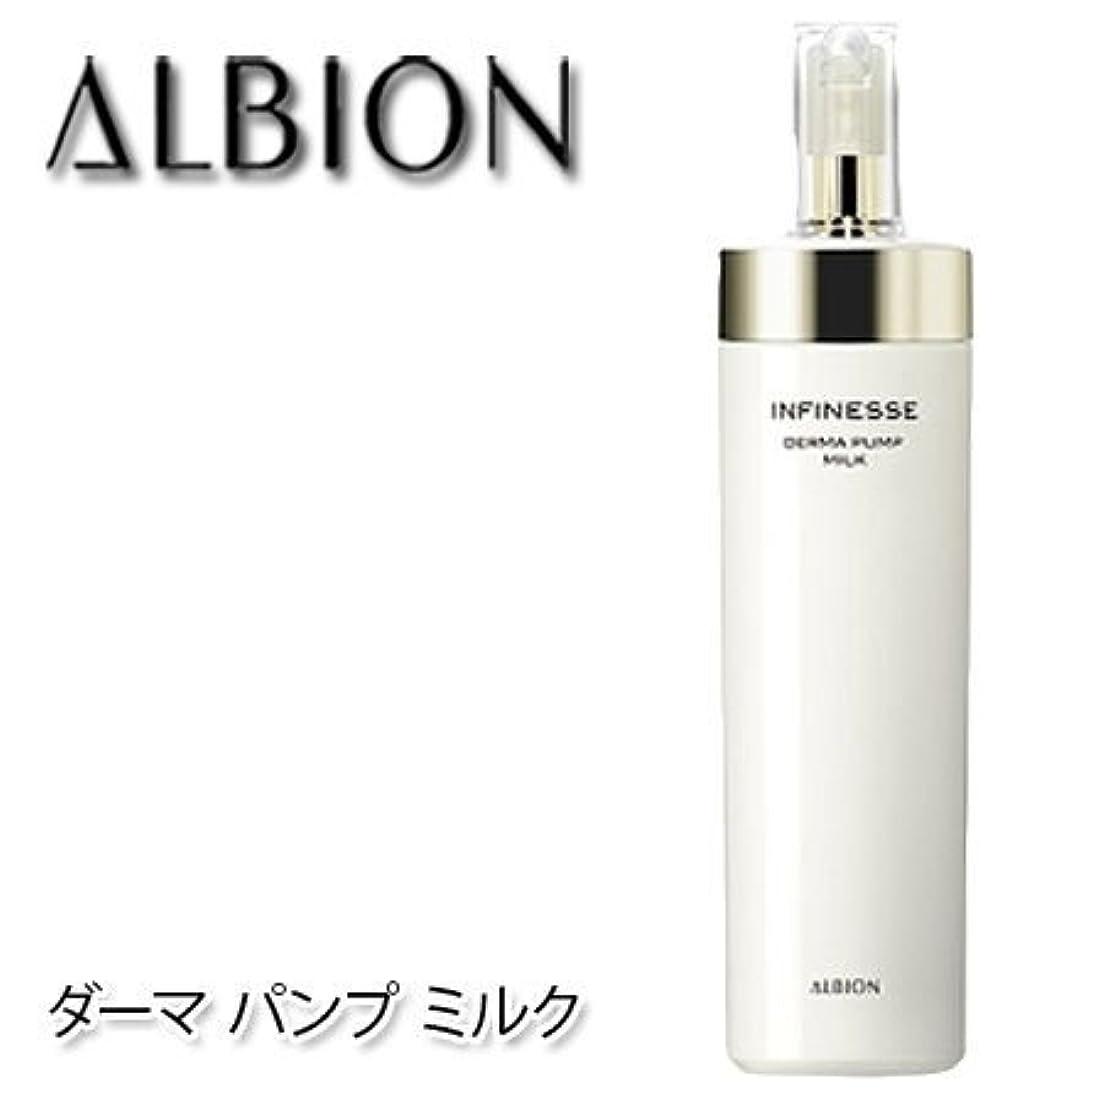 振幅簡潔な専門用語アルビオン アンフィネス ダーマ パンプ ミルク 200g-ALBION-